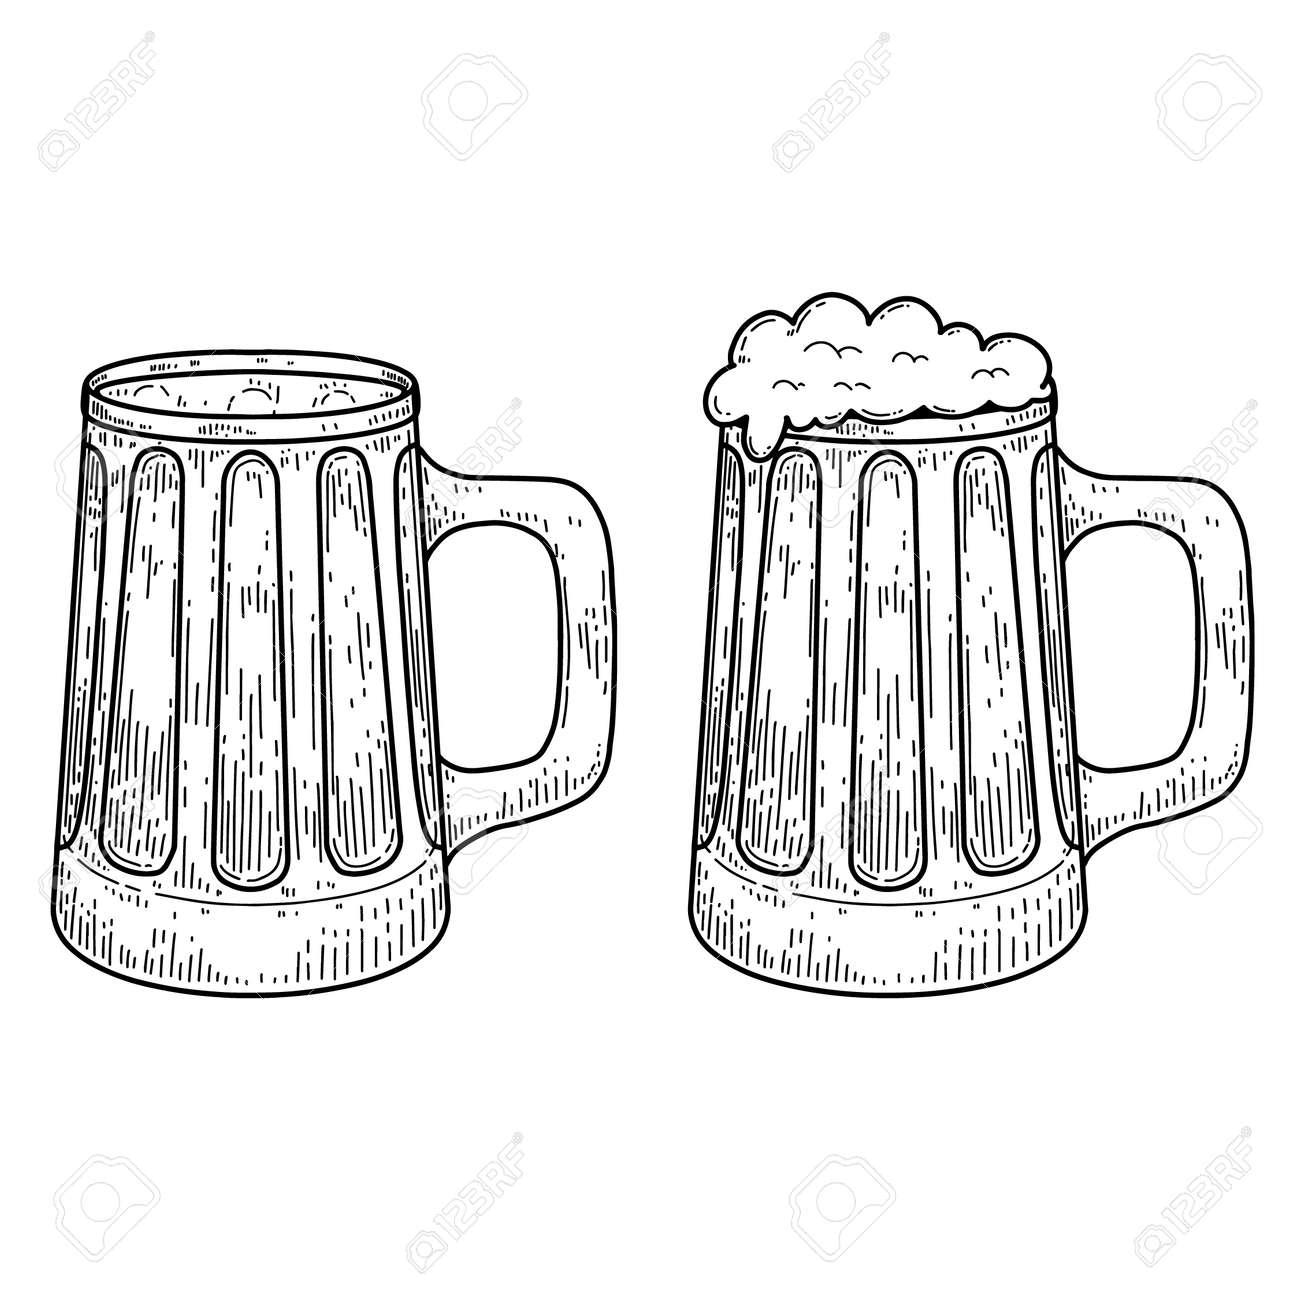 Vintage illustration of mug of beer in engraving style. Design element for label, emblem, sign. Vector illustration - 149876925